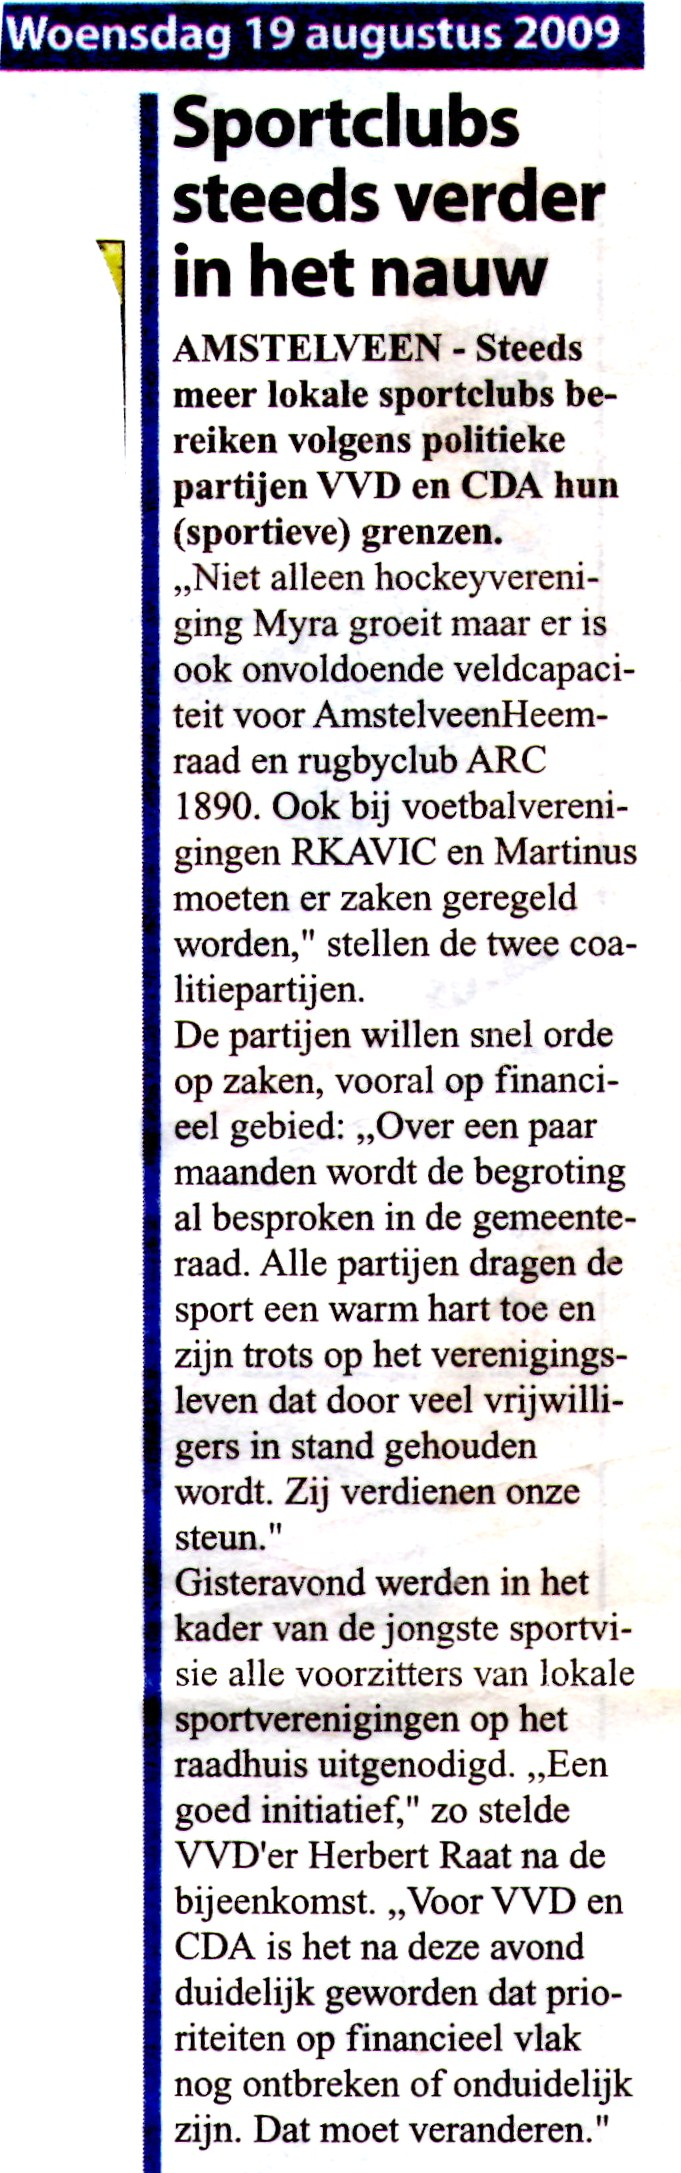 2009-19-8-Sportclubs kwamen er bekaaid af-Amstelveens Nieuwsblad (2)